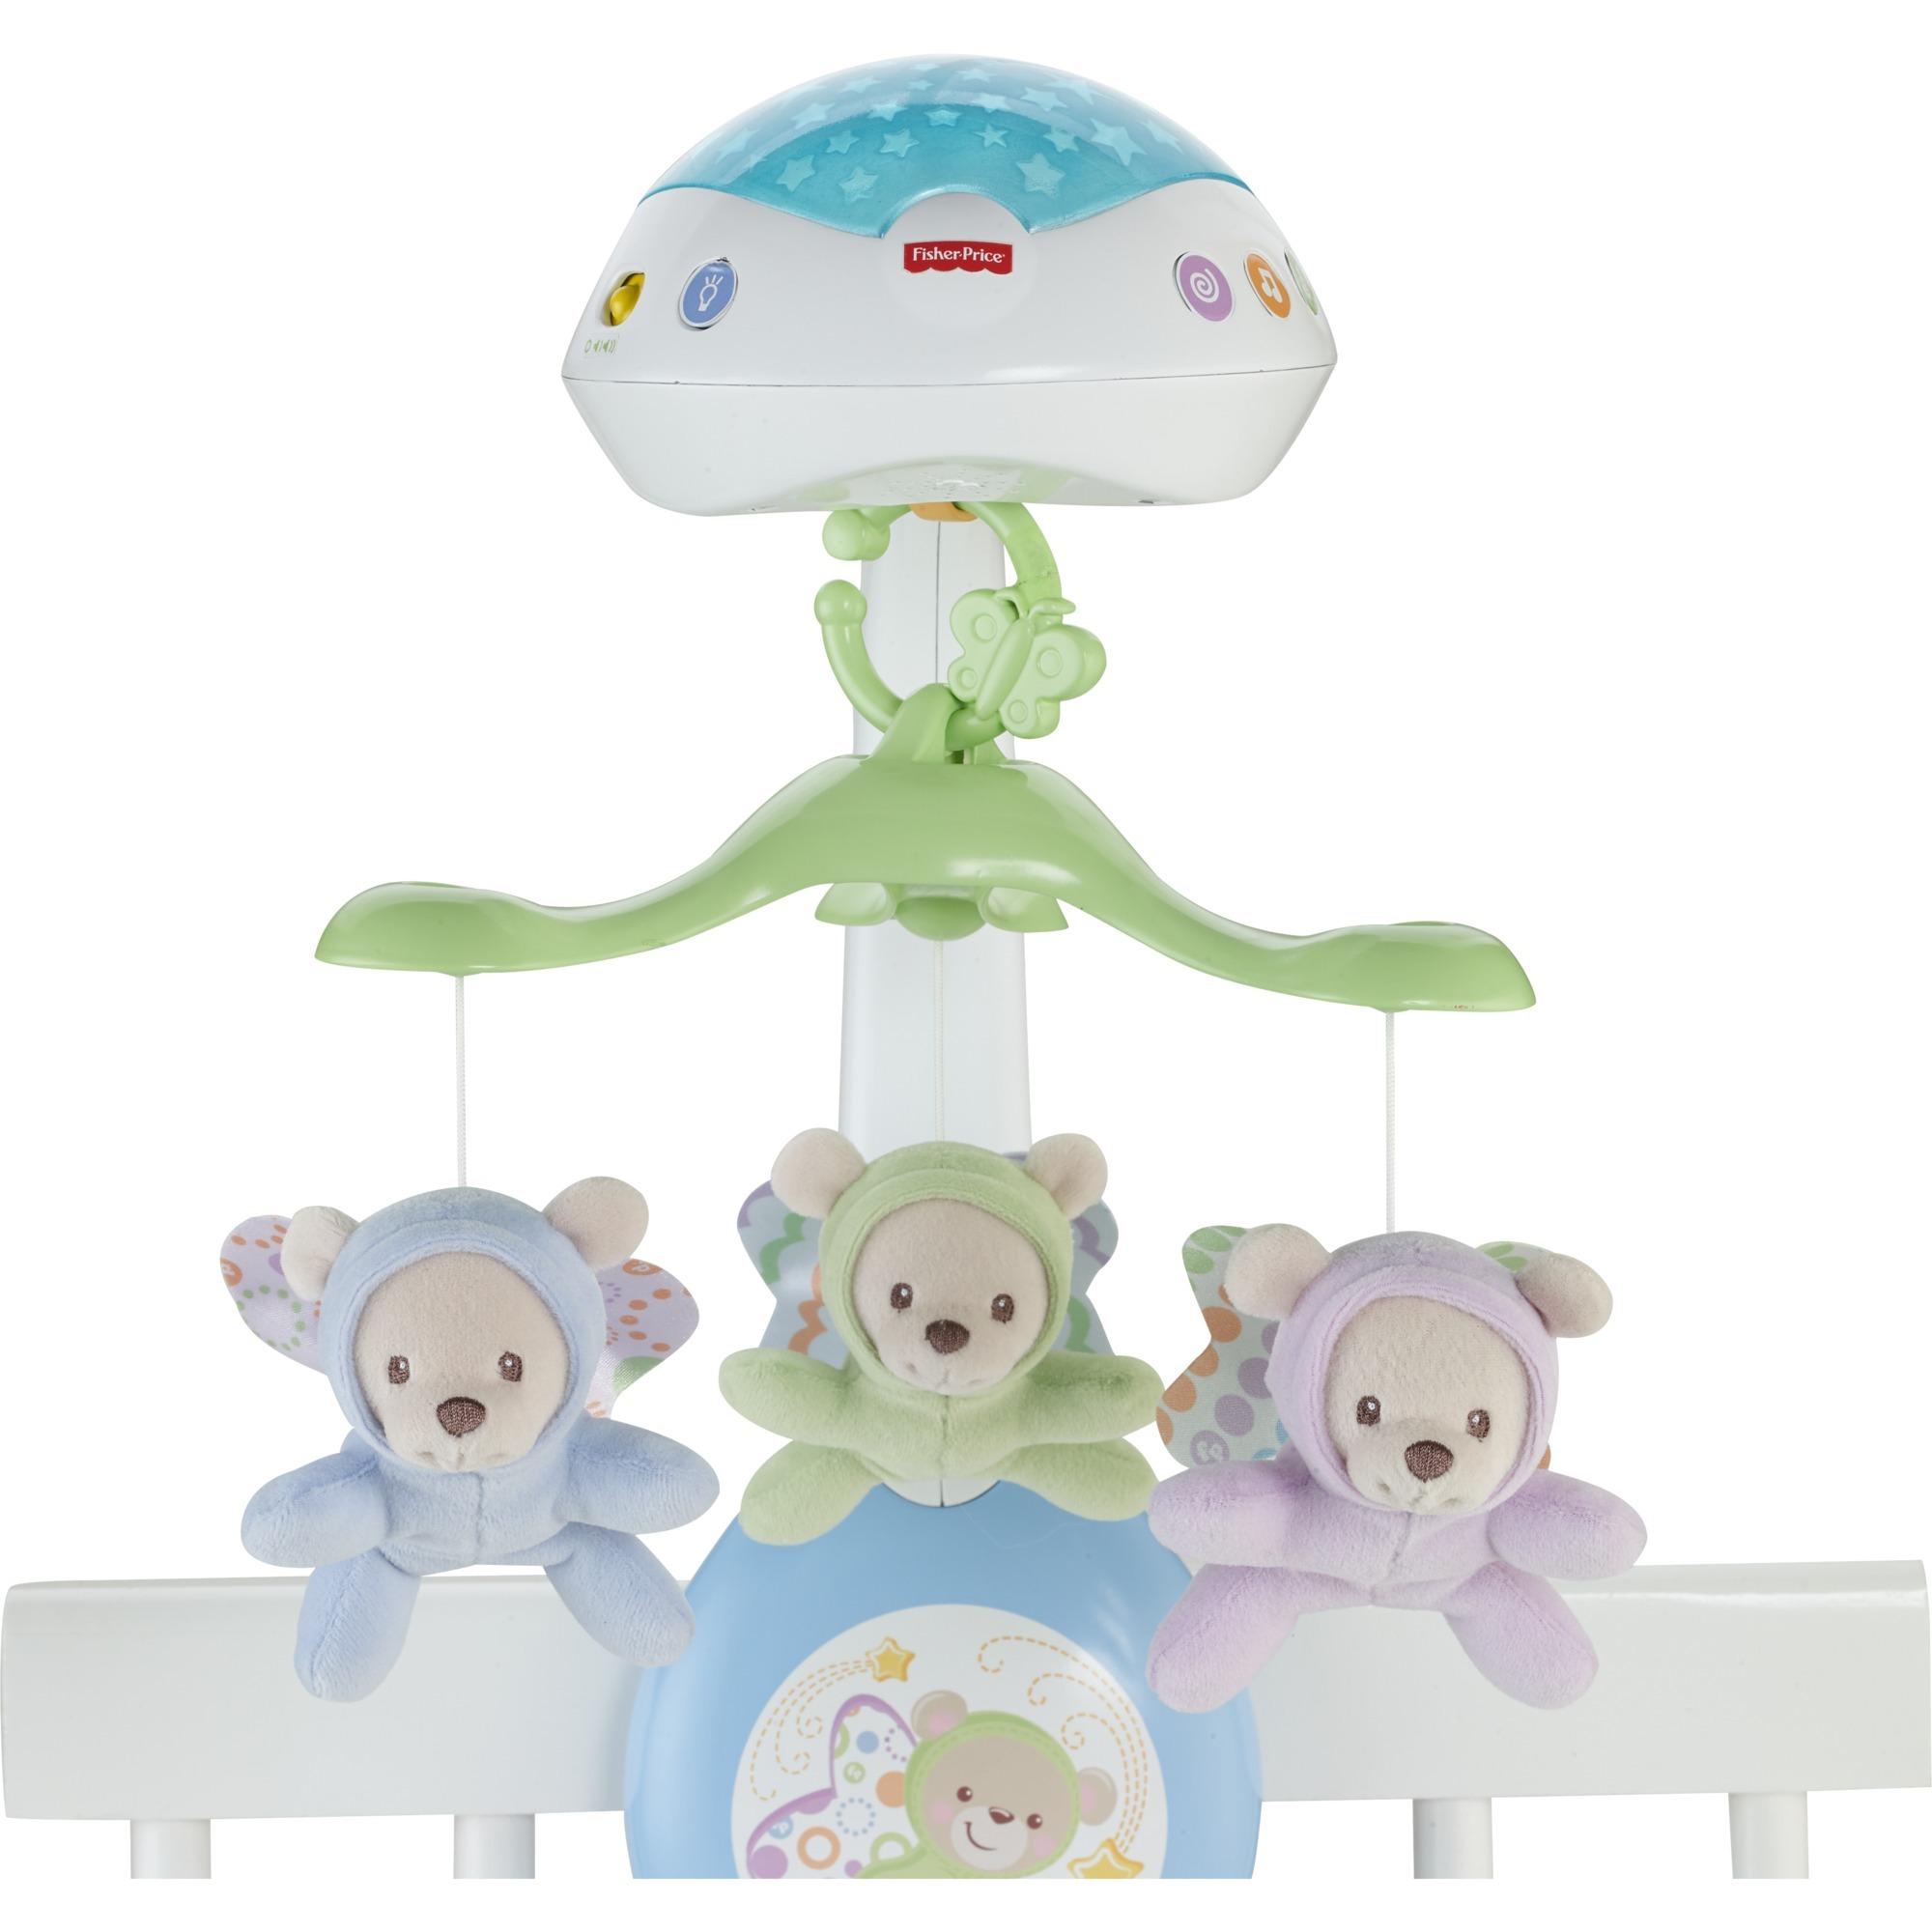 Tout pour les bébés Butterfly Dreams 3-in-1 Projection Mobile Multicolore jouet pour bébé accroché, lumière de nuit